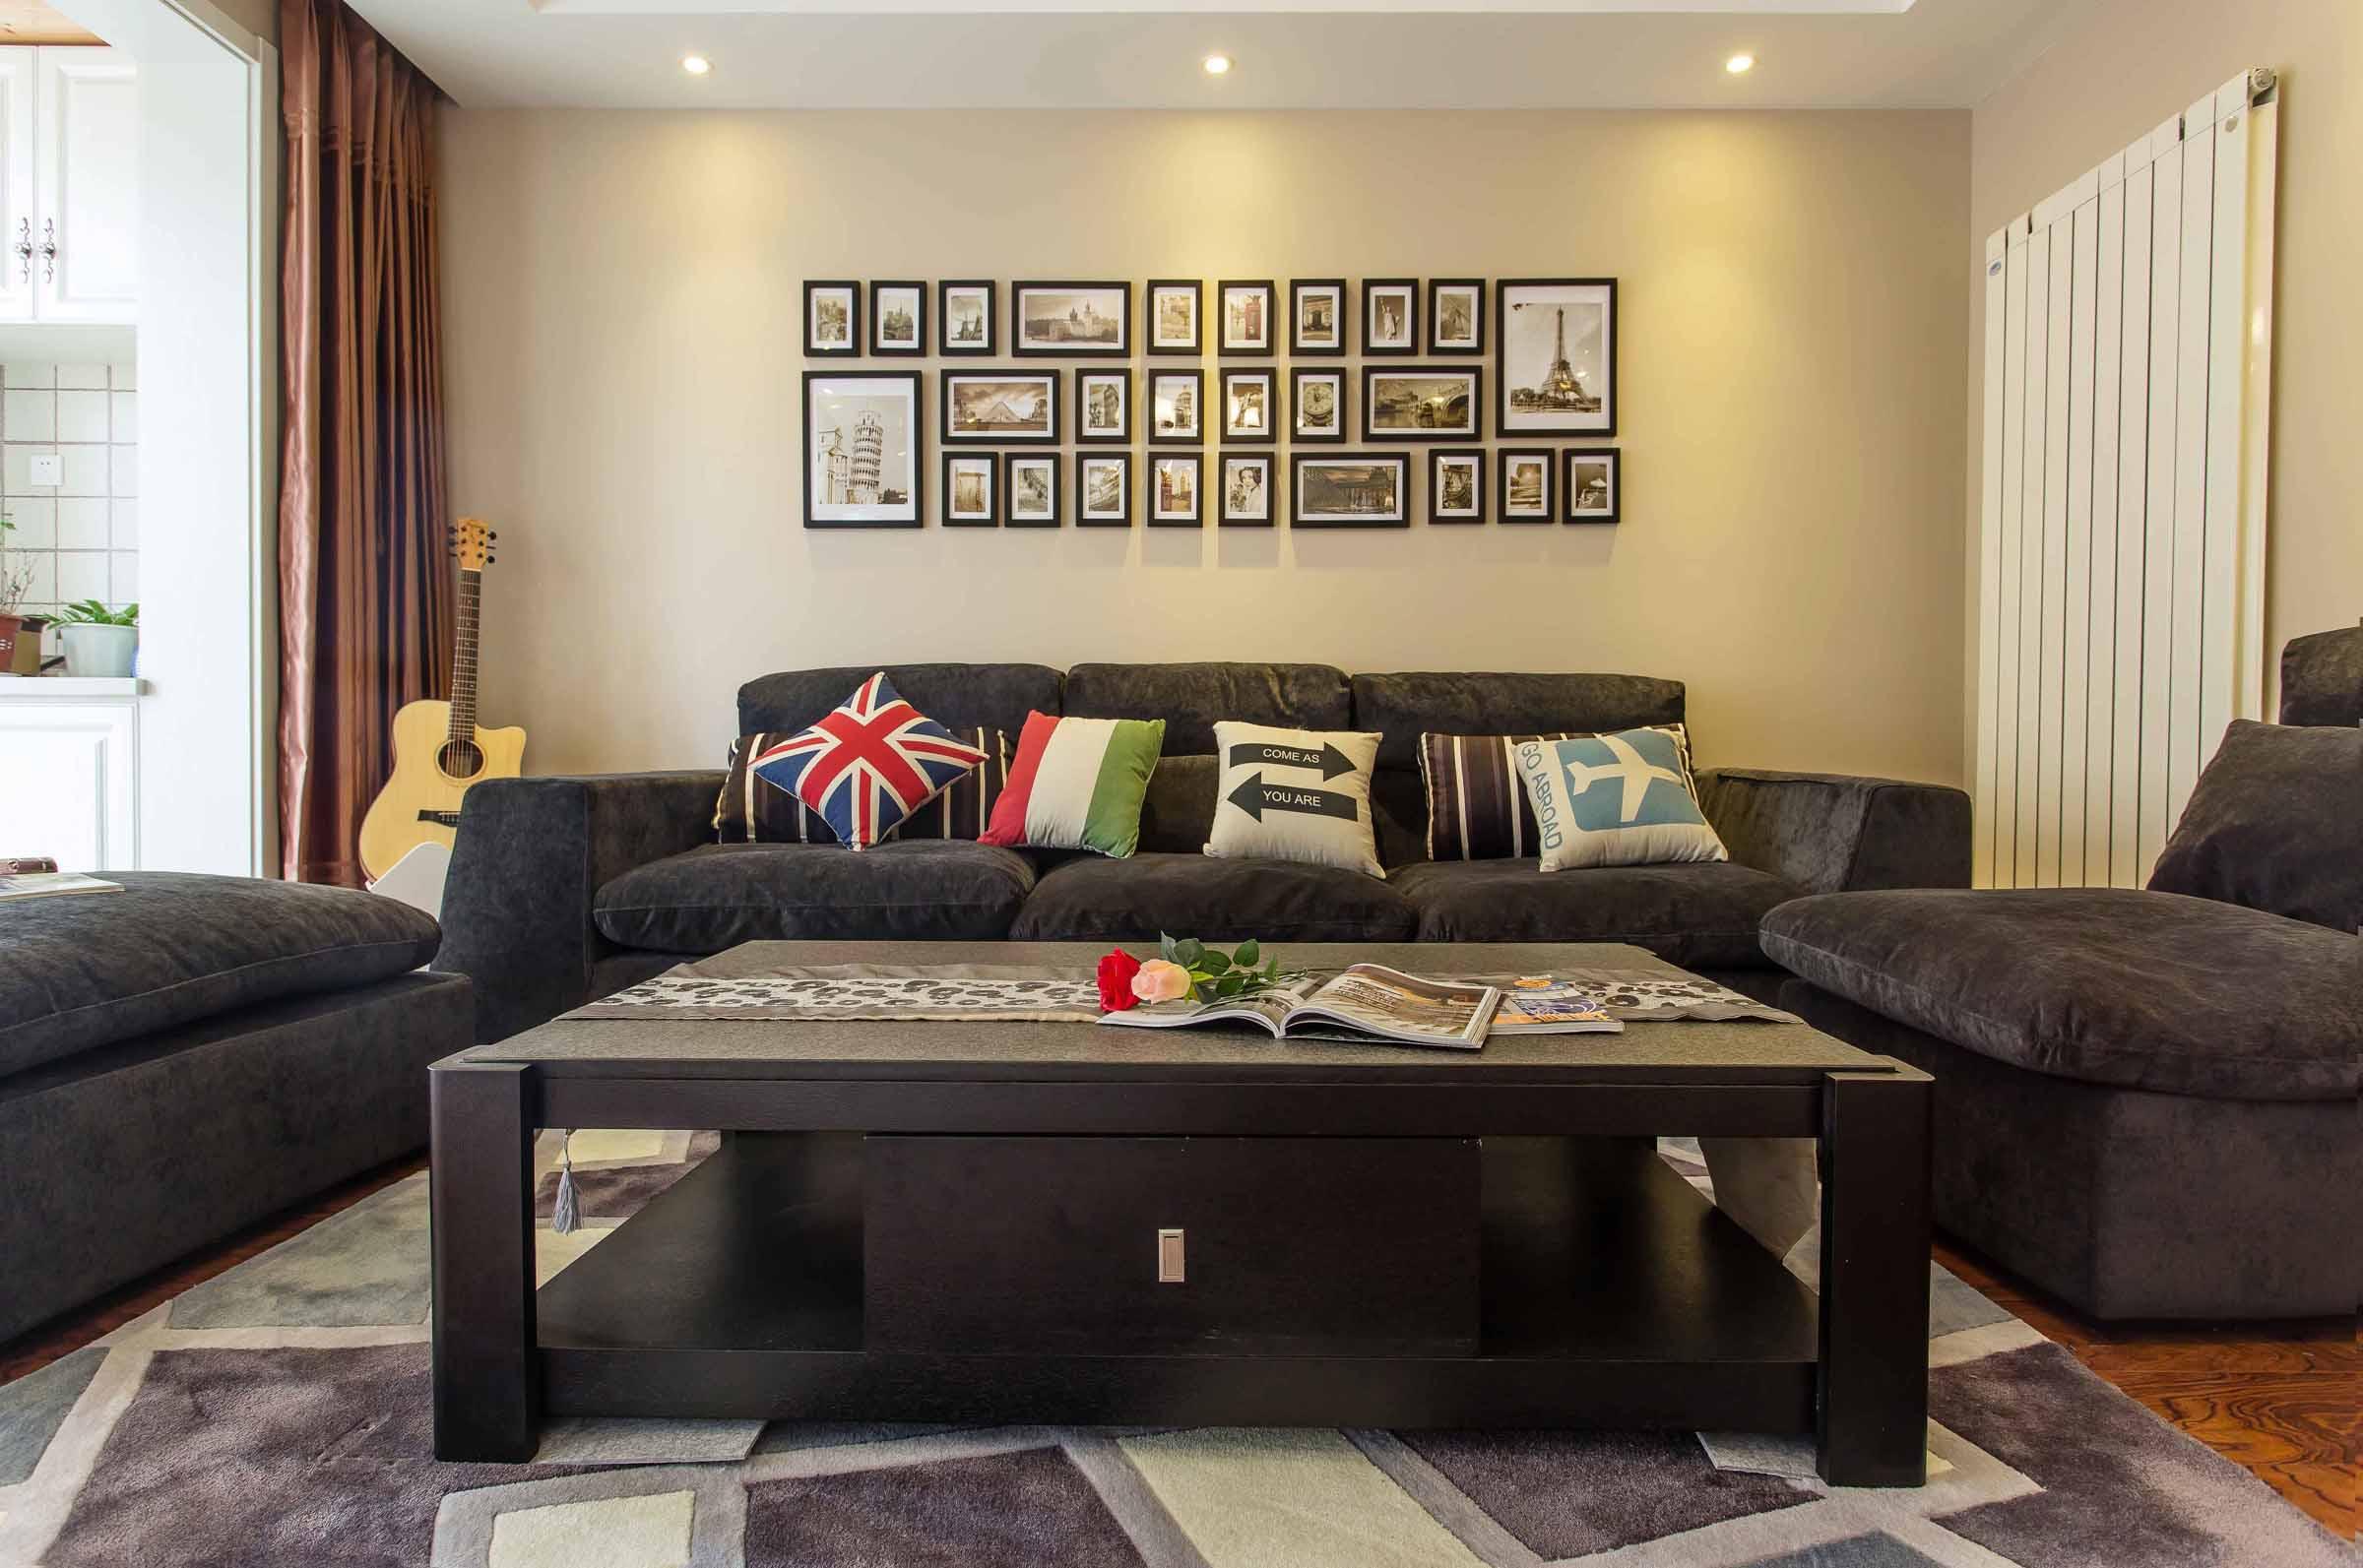 沙发背景墙挂置着记录主人的生活的点滴,